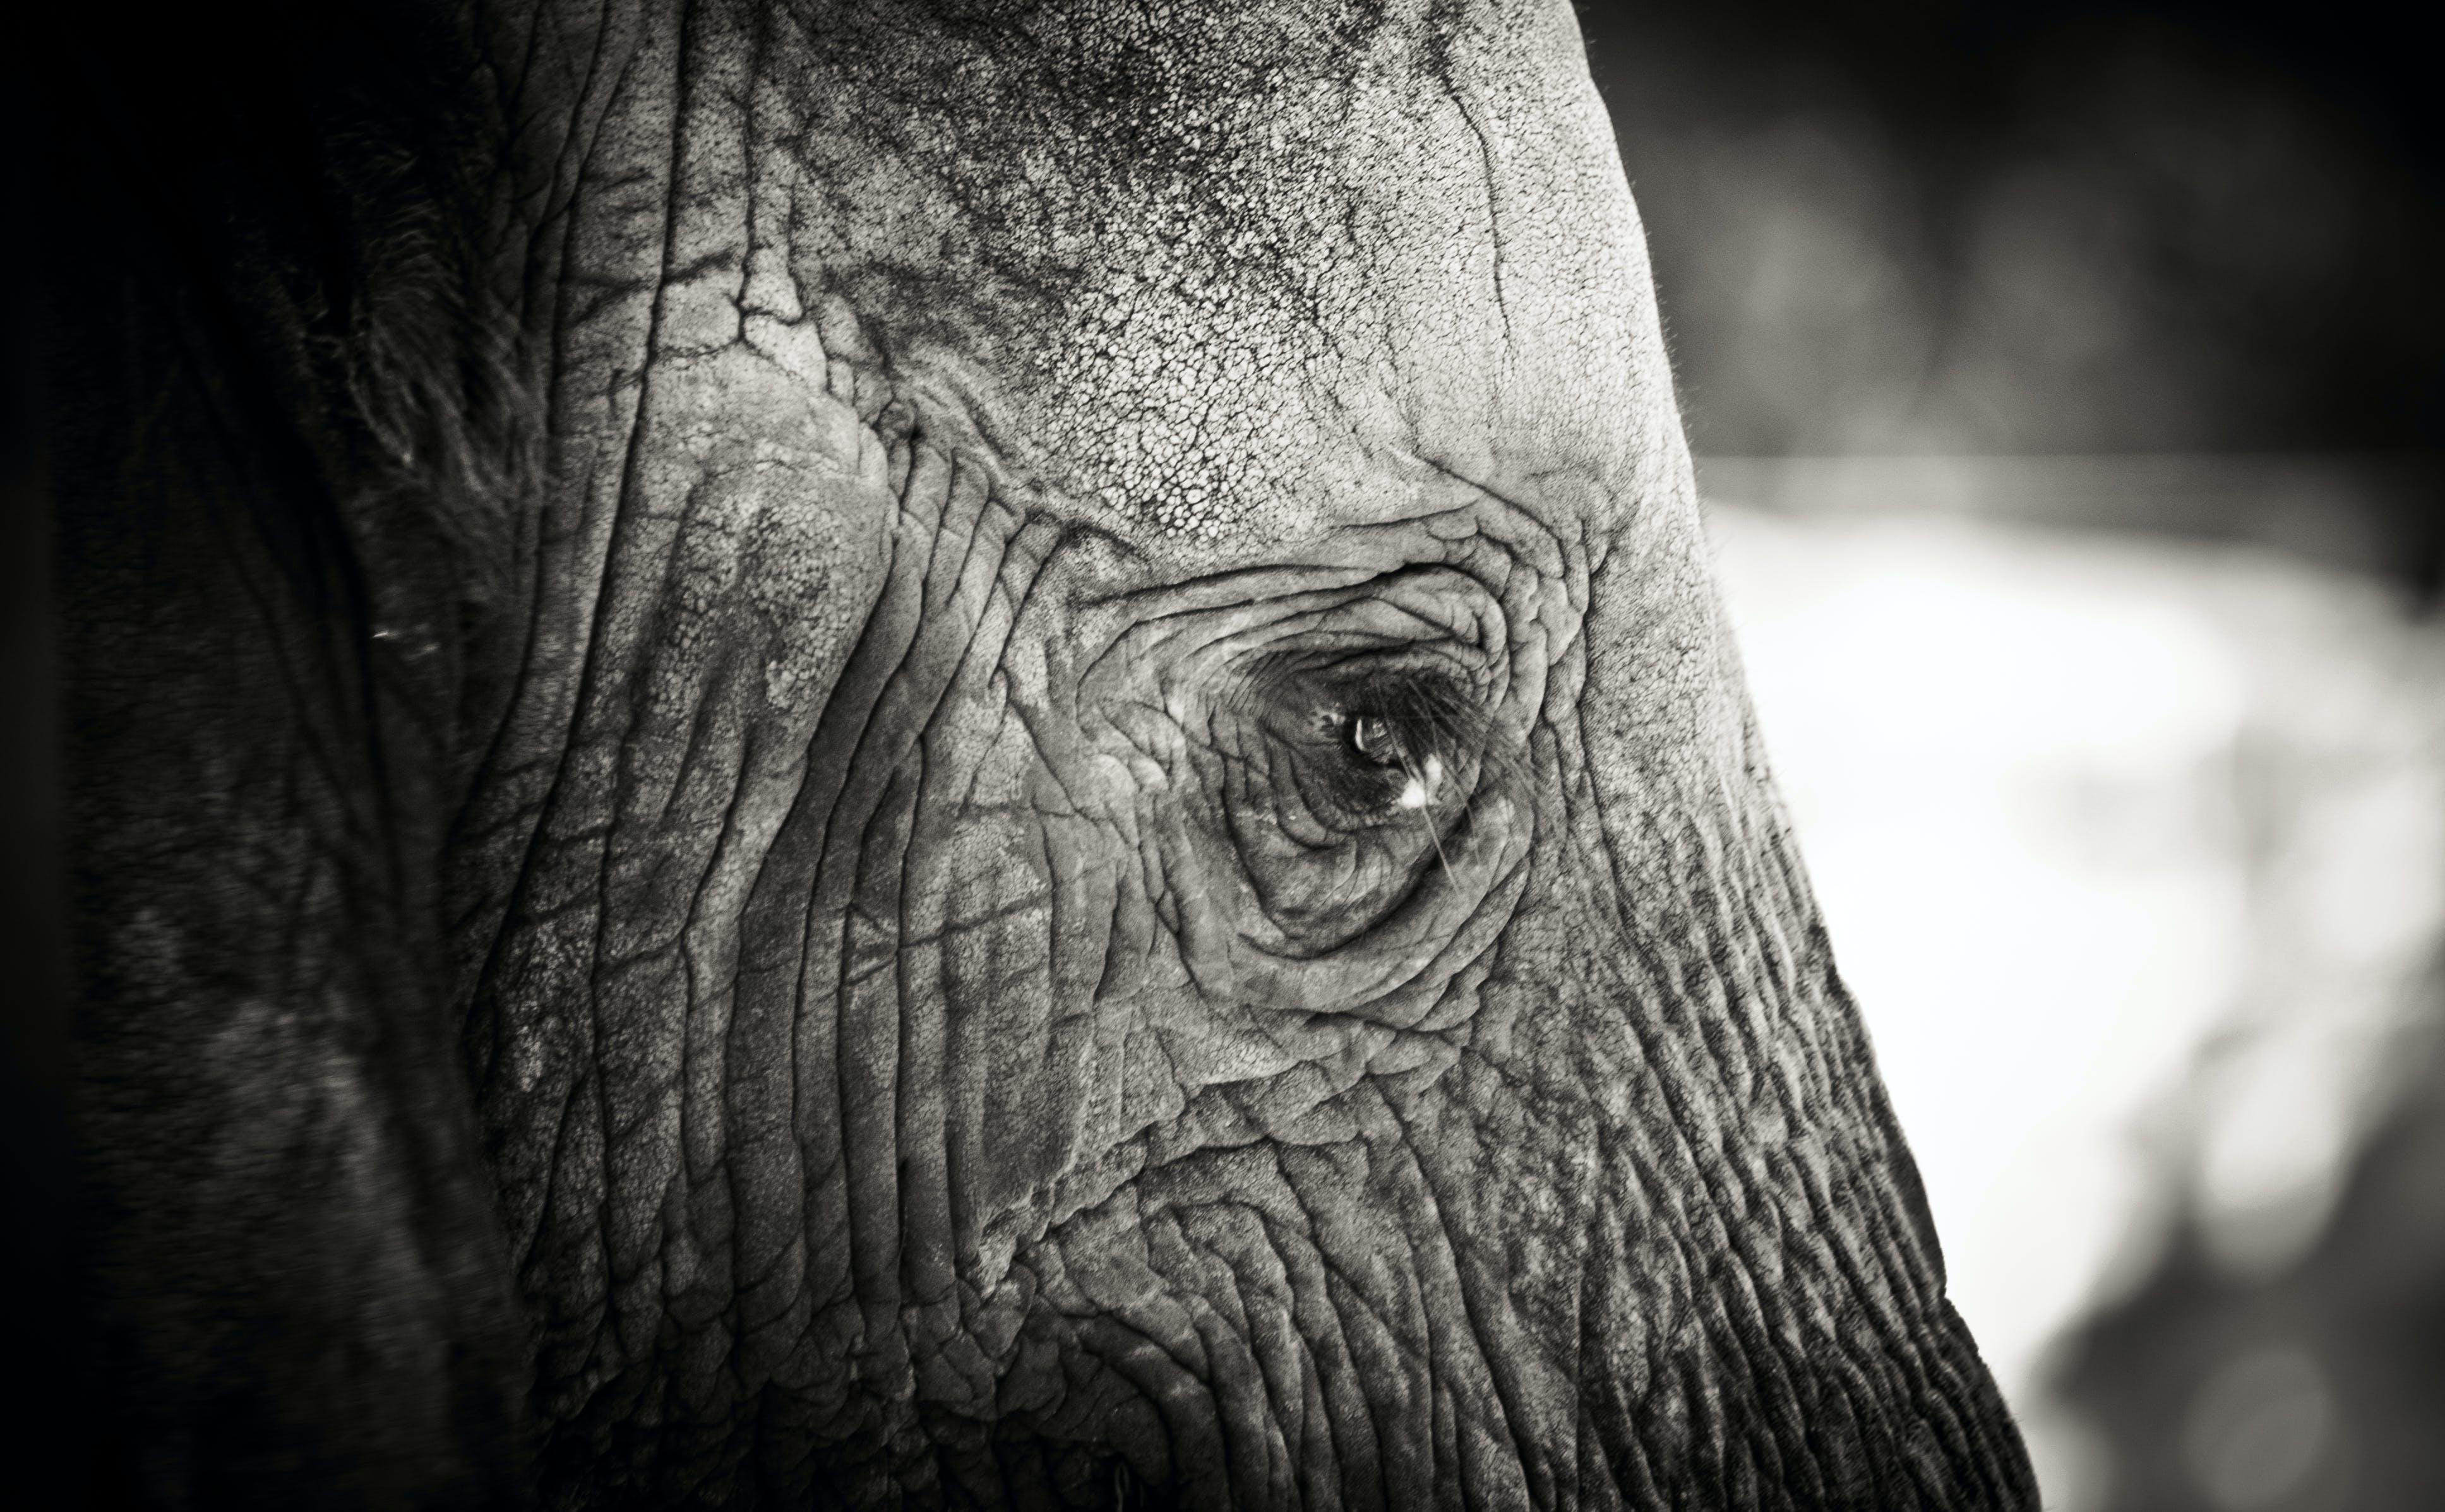 Free stock photo of animal, black and white, elephant, sad